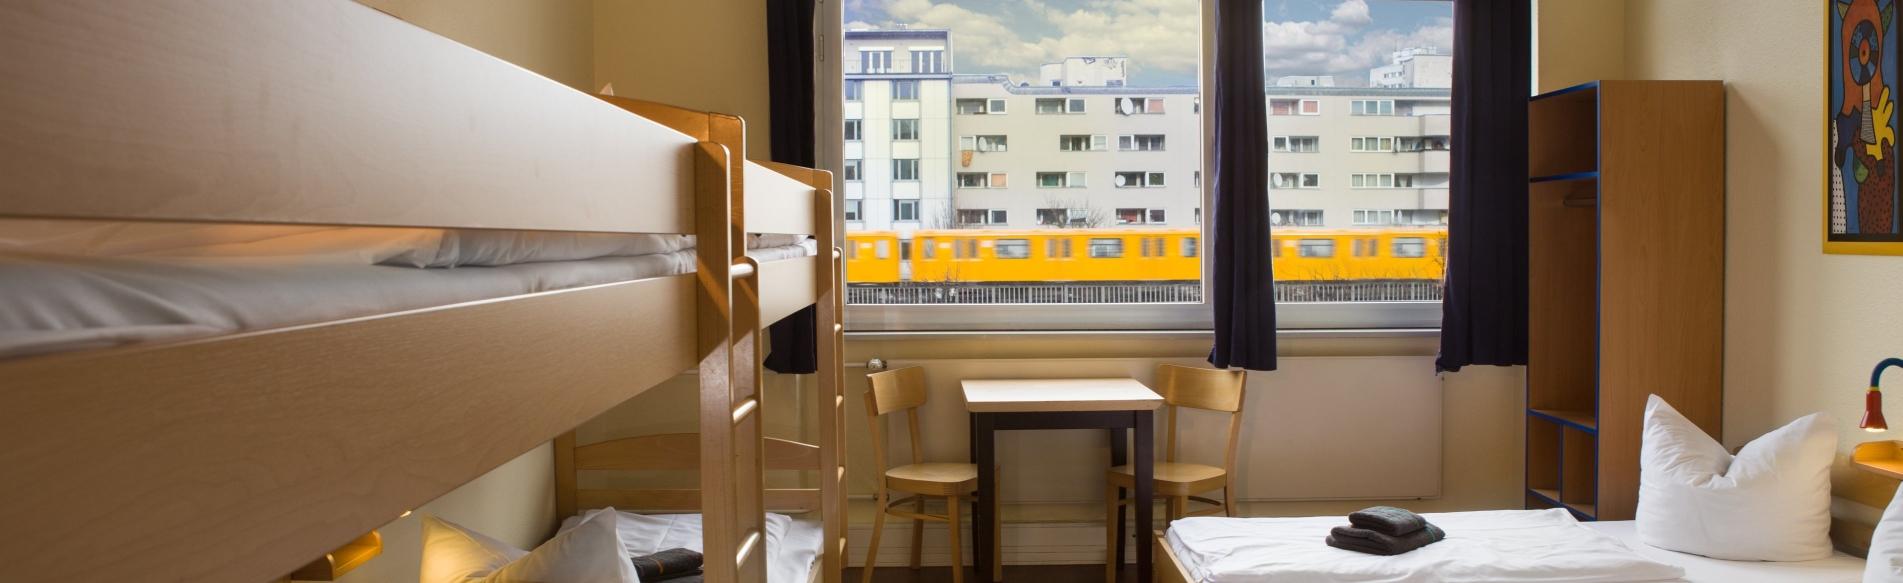 Kreuzberg Hostel